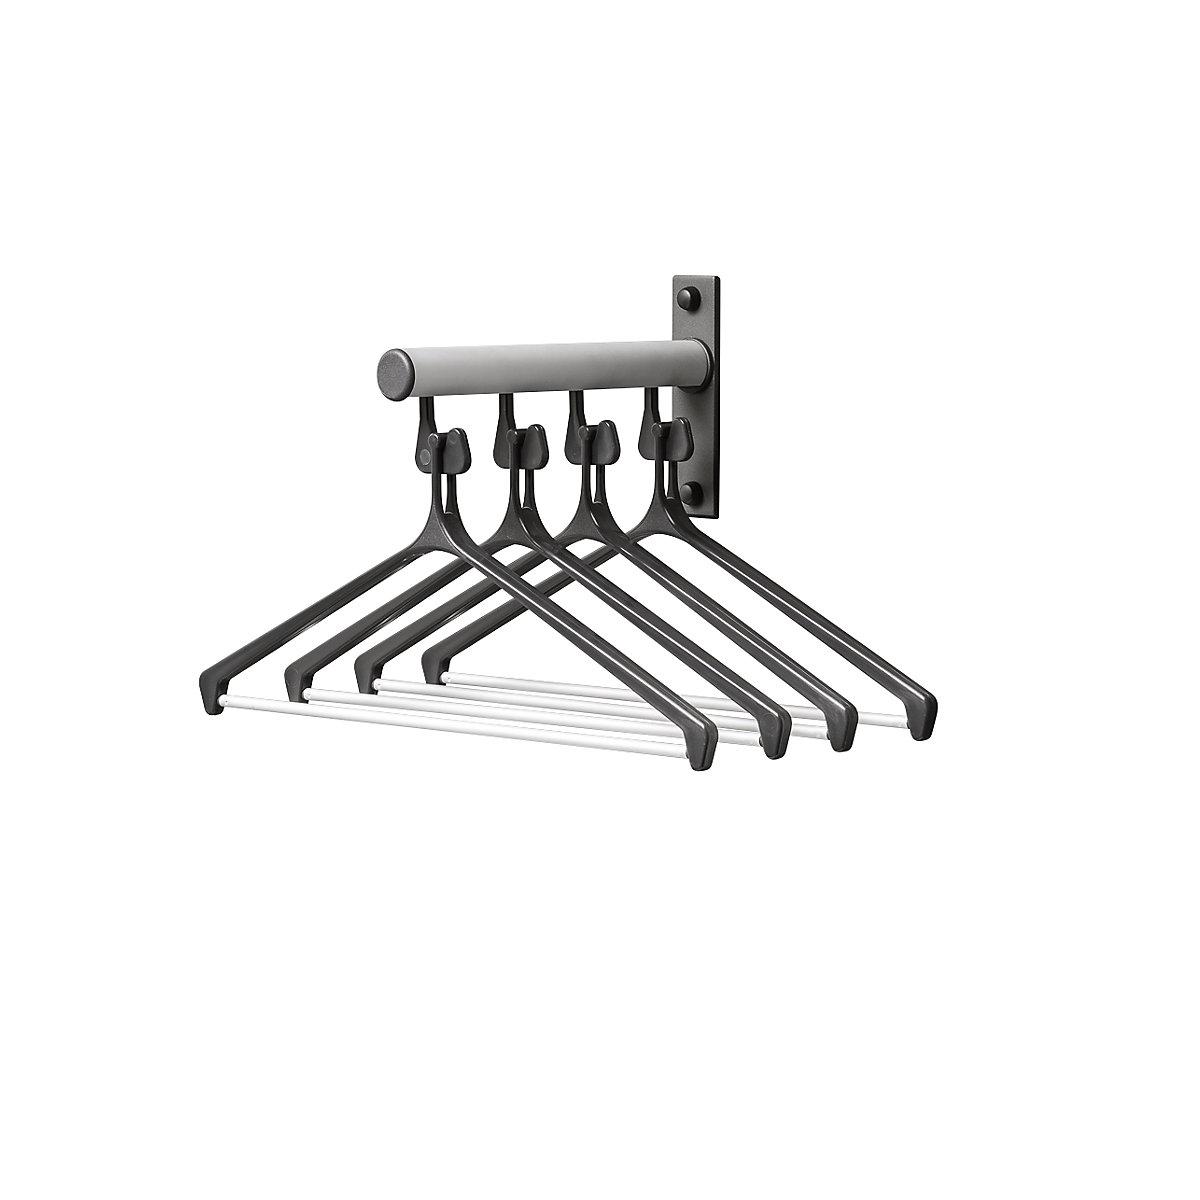 eurokraftpro small wall mounted coat rack made of aluminium pack of 2